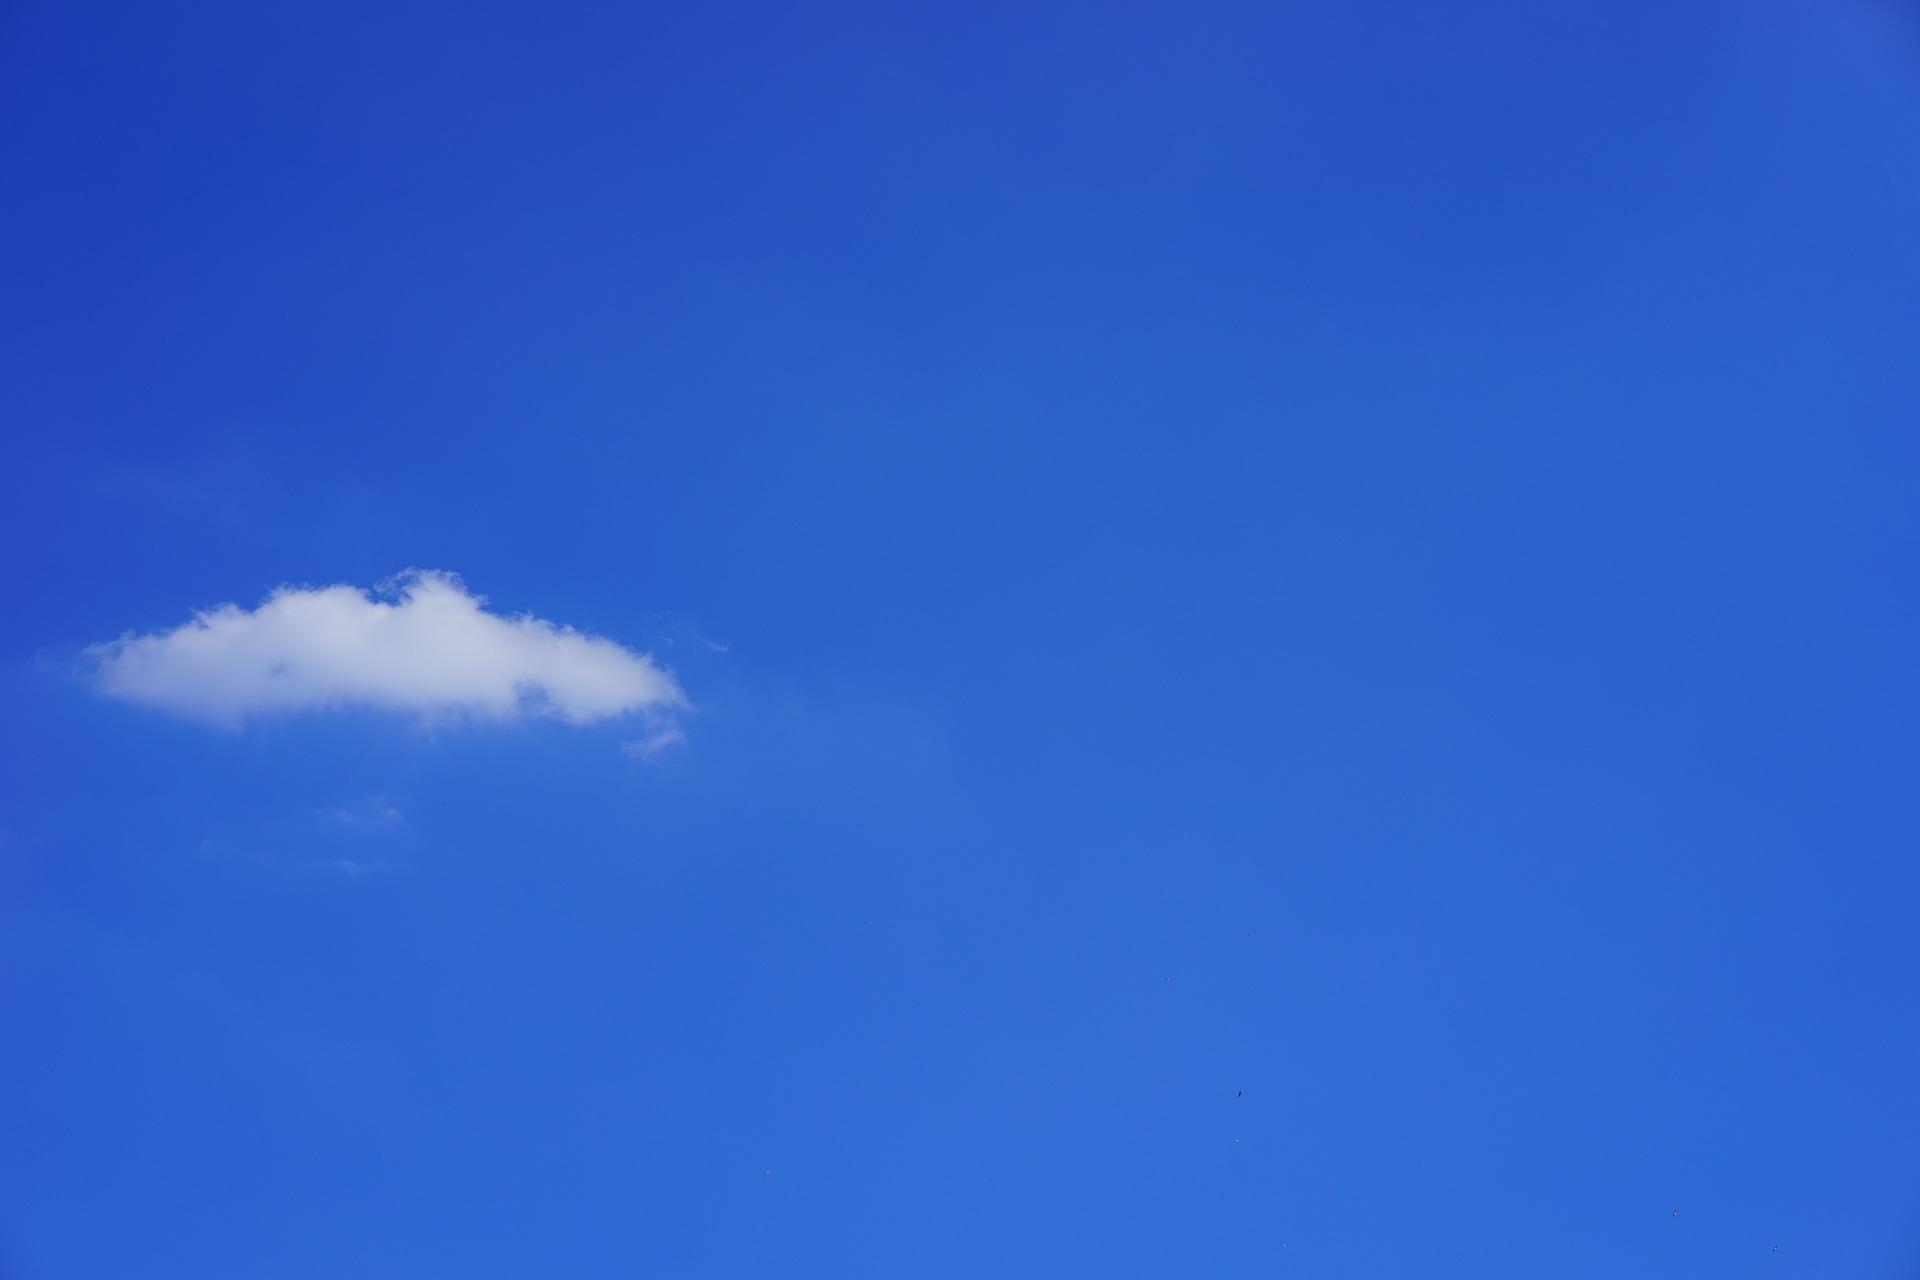 cloud-1117279_1920